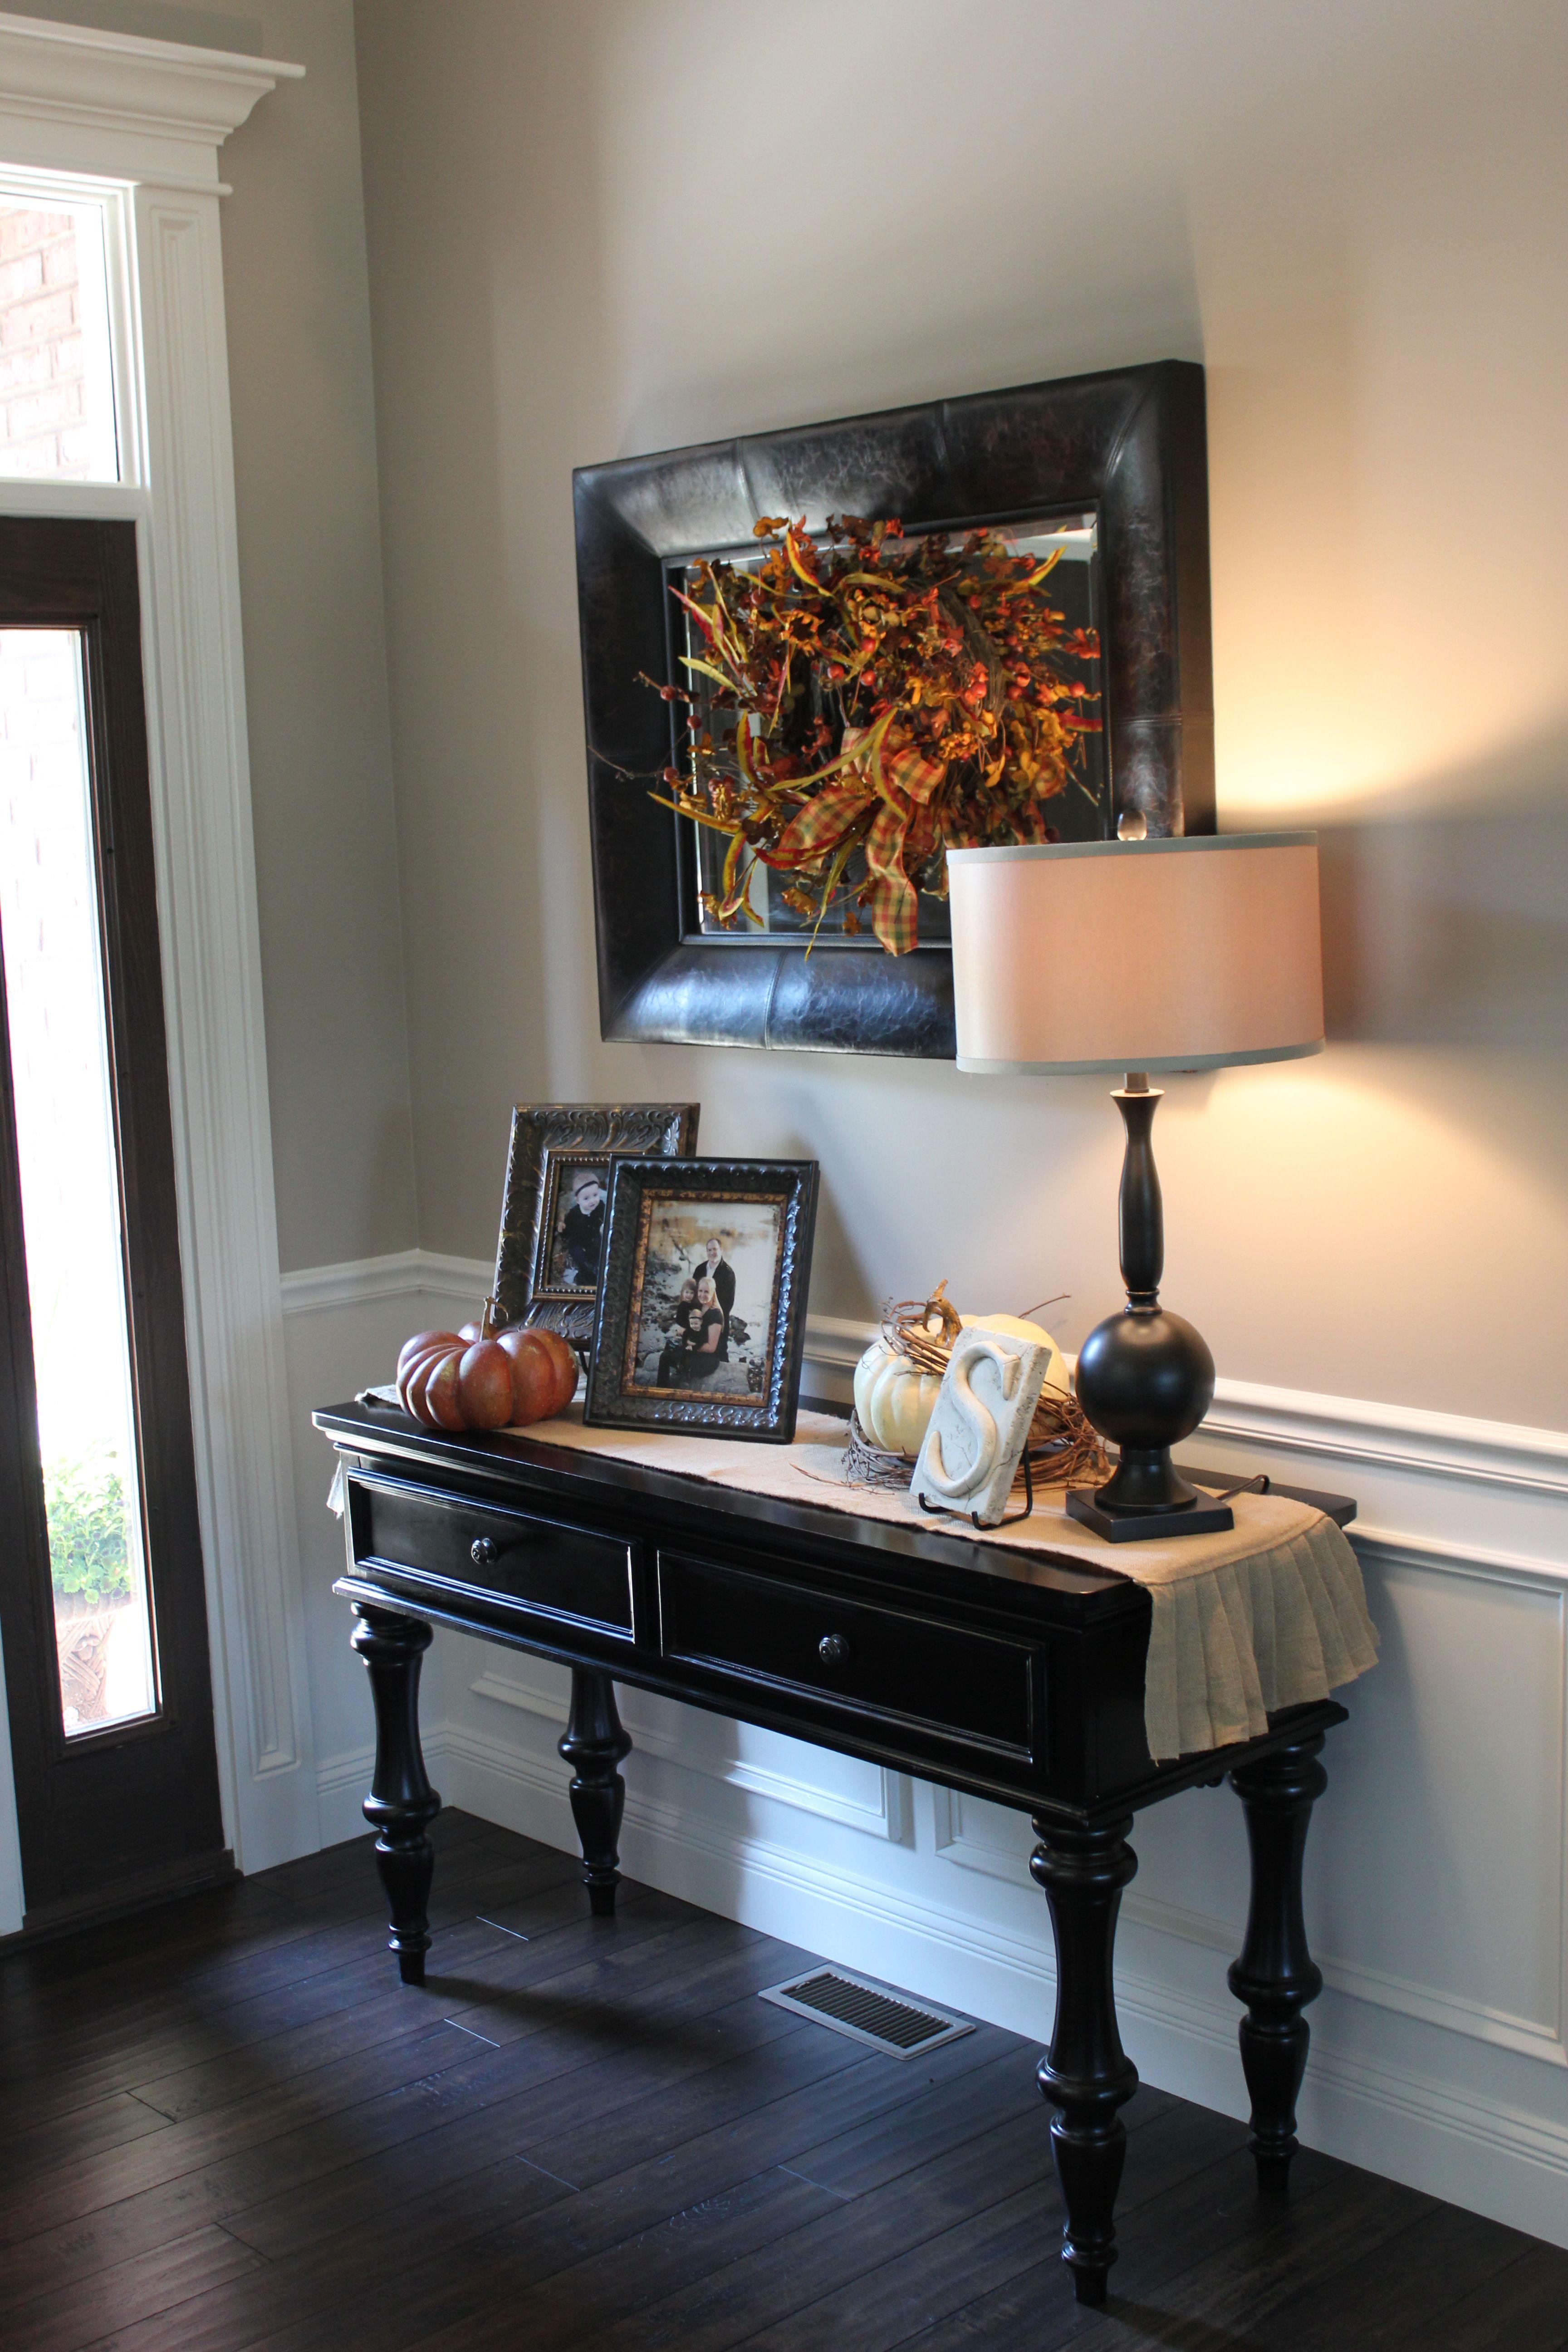 der flur in neuem glanz mit wasserabweisendem laminat oder parkett we like entryways. Black Bedroom Furniture Sets. Home Design Ideas